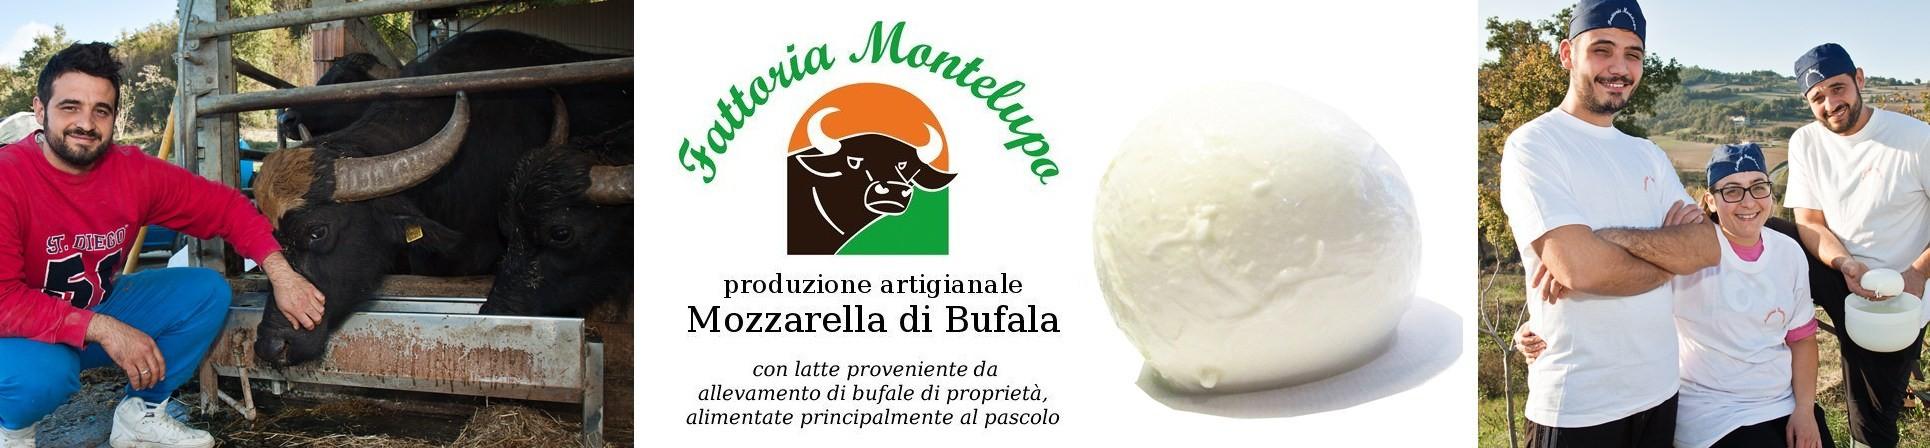 Mozzarella di Bufala - Caseificio Fattoria Montelupo - vendita online